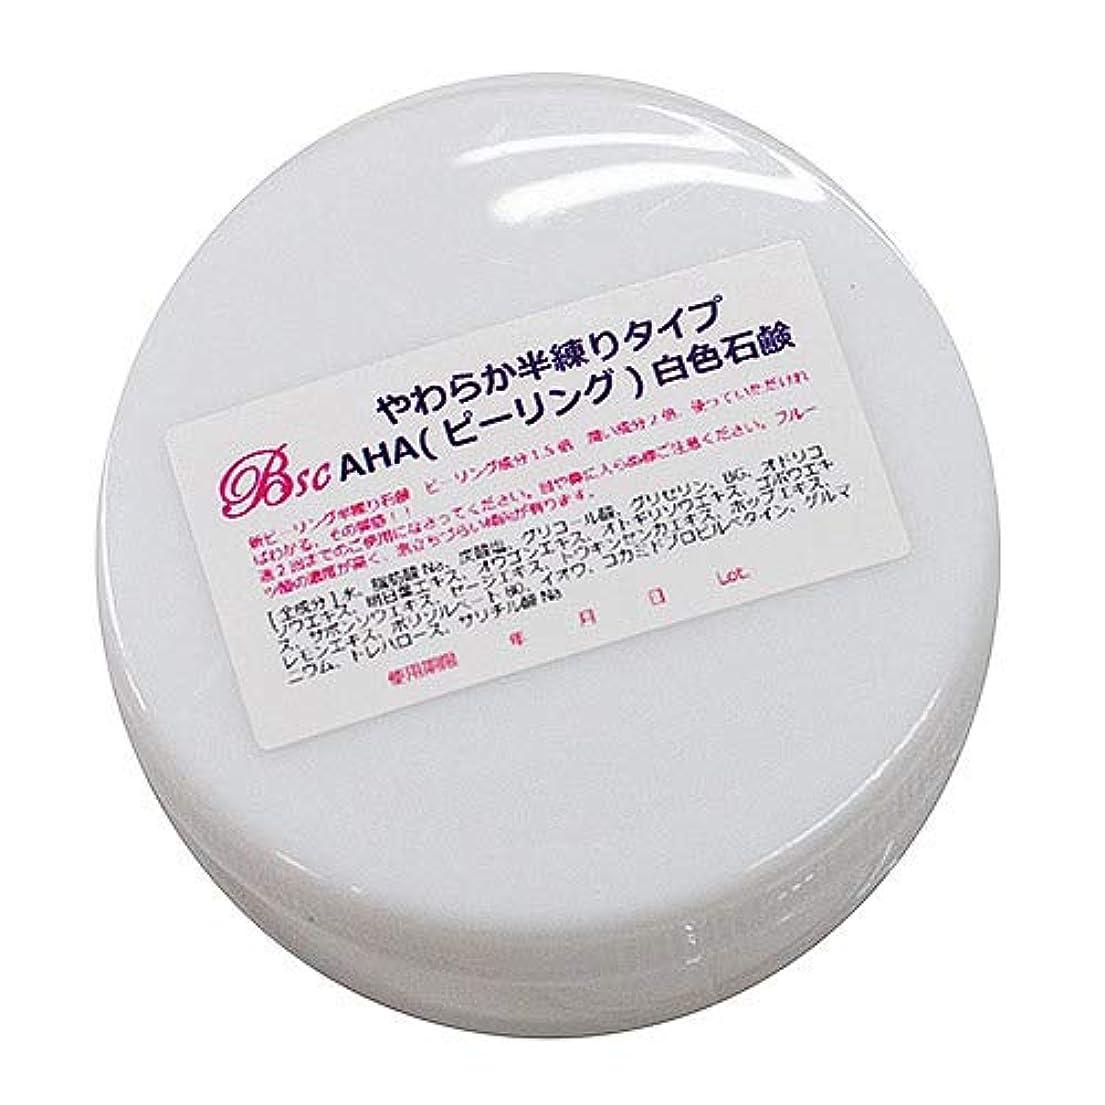 取得少し値するやわらかい半練りタイプAHA(ピーリング)石鹸?100g